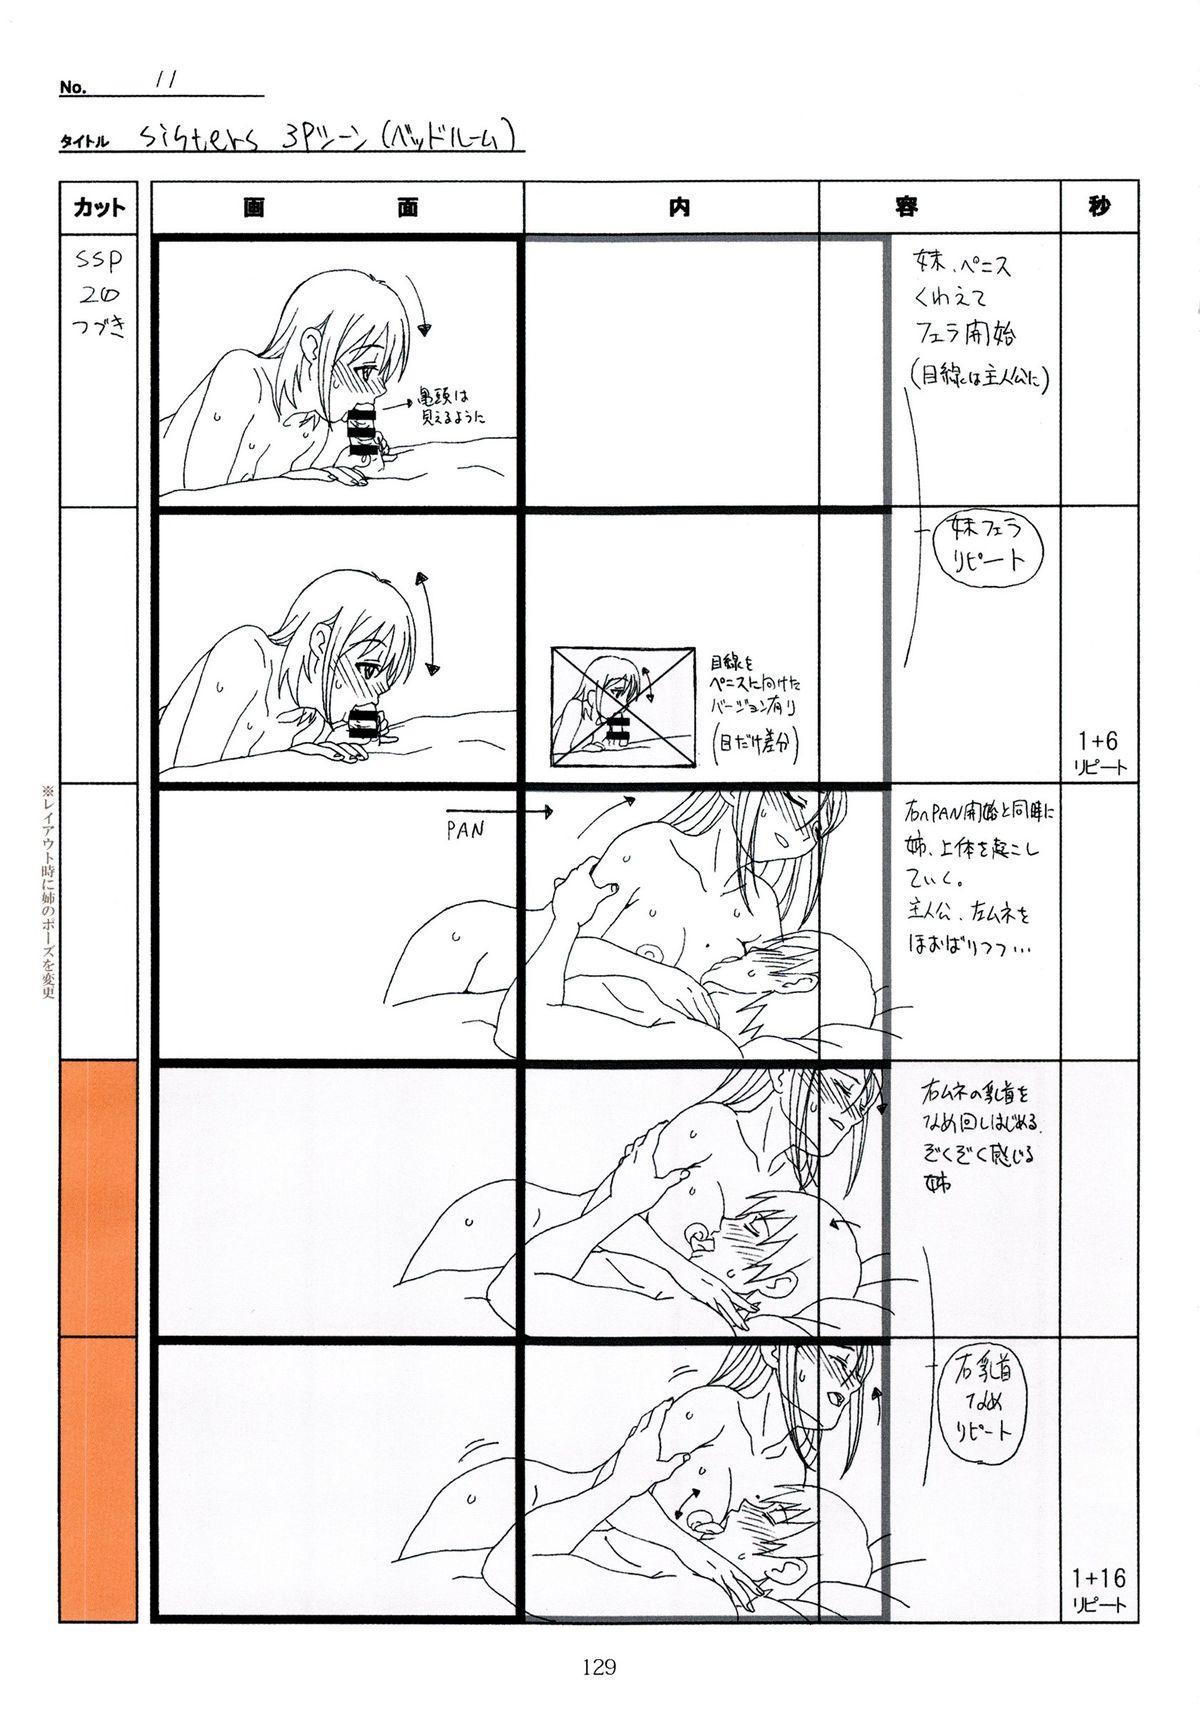 (C89) [Makino Jimusho (Taki Minashika)] SISTERS -Natsu no Saigo no Hi- H Scene All Part Storyboard (SISTERS -Natsu no Saigo no Hi-) 128